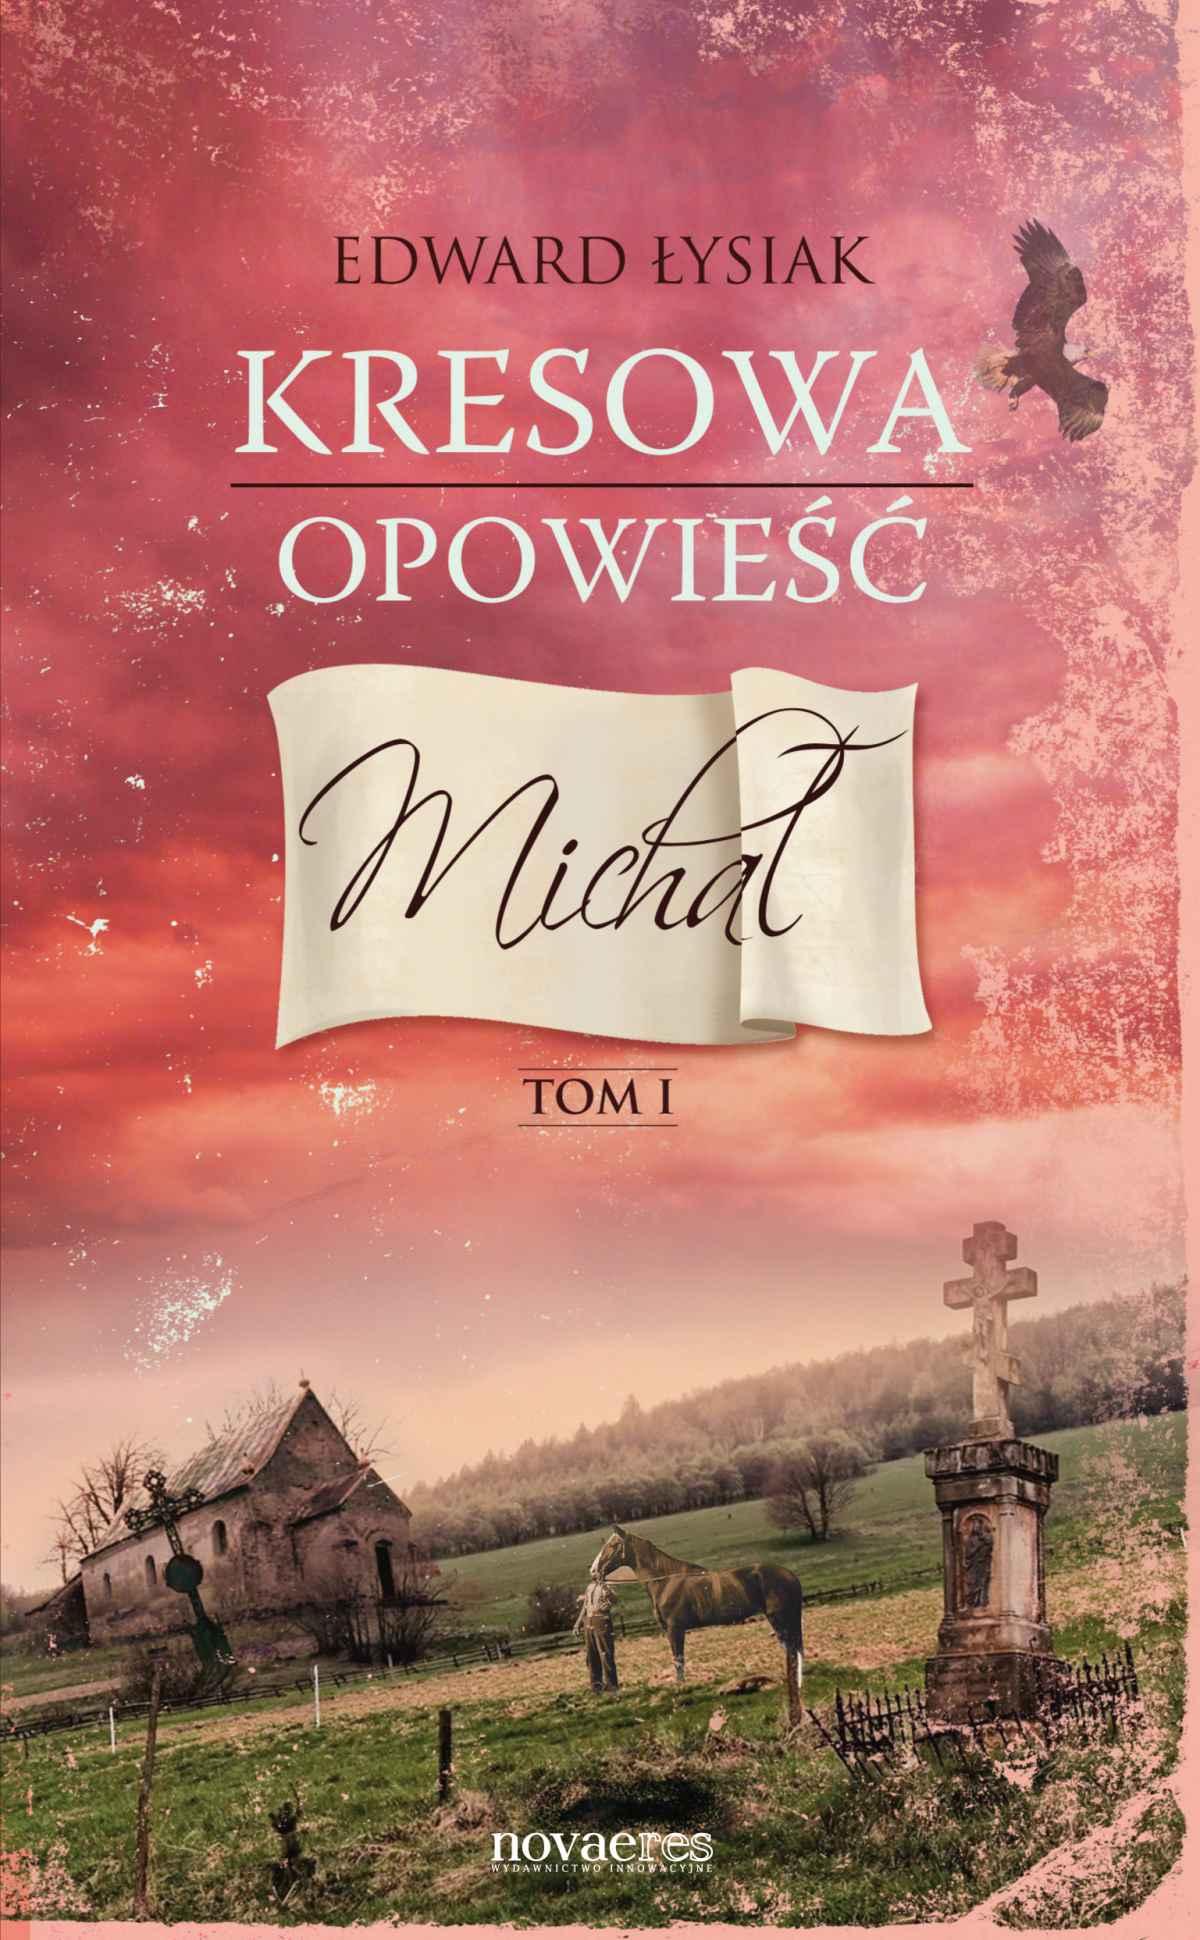 Kresowa opowieść. Tom I: Michał - Ebook (Książka EPUB) do pobrania w formacie EPUB